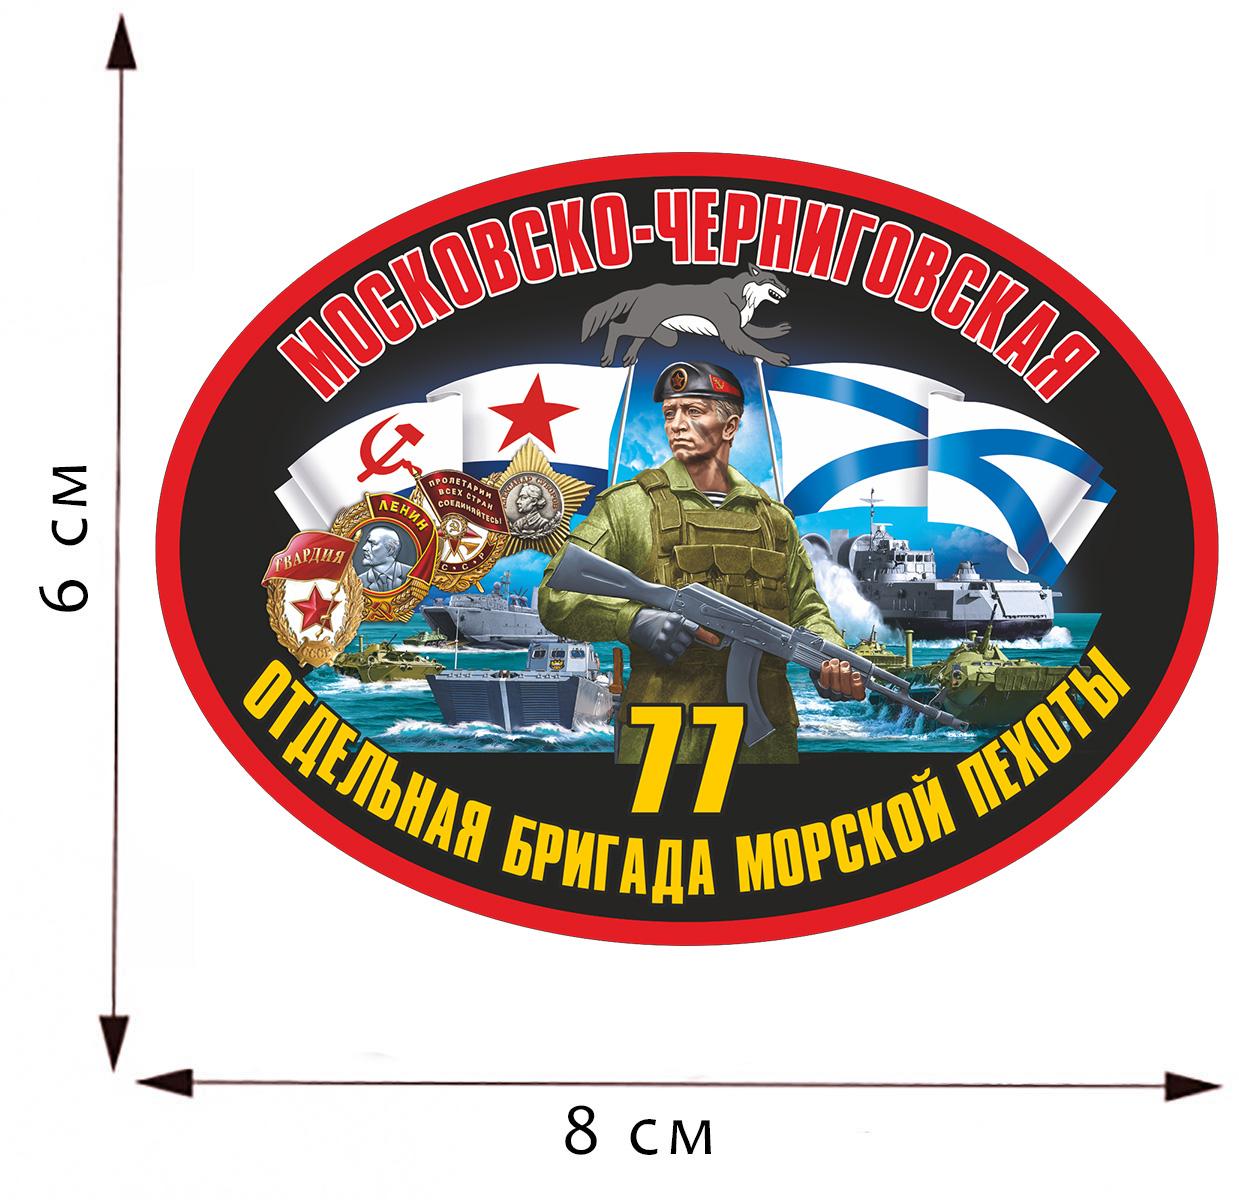 Купить топовую картинку для сублимации 77 Отдельная бригада Морской Пехоты онлайн